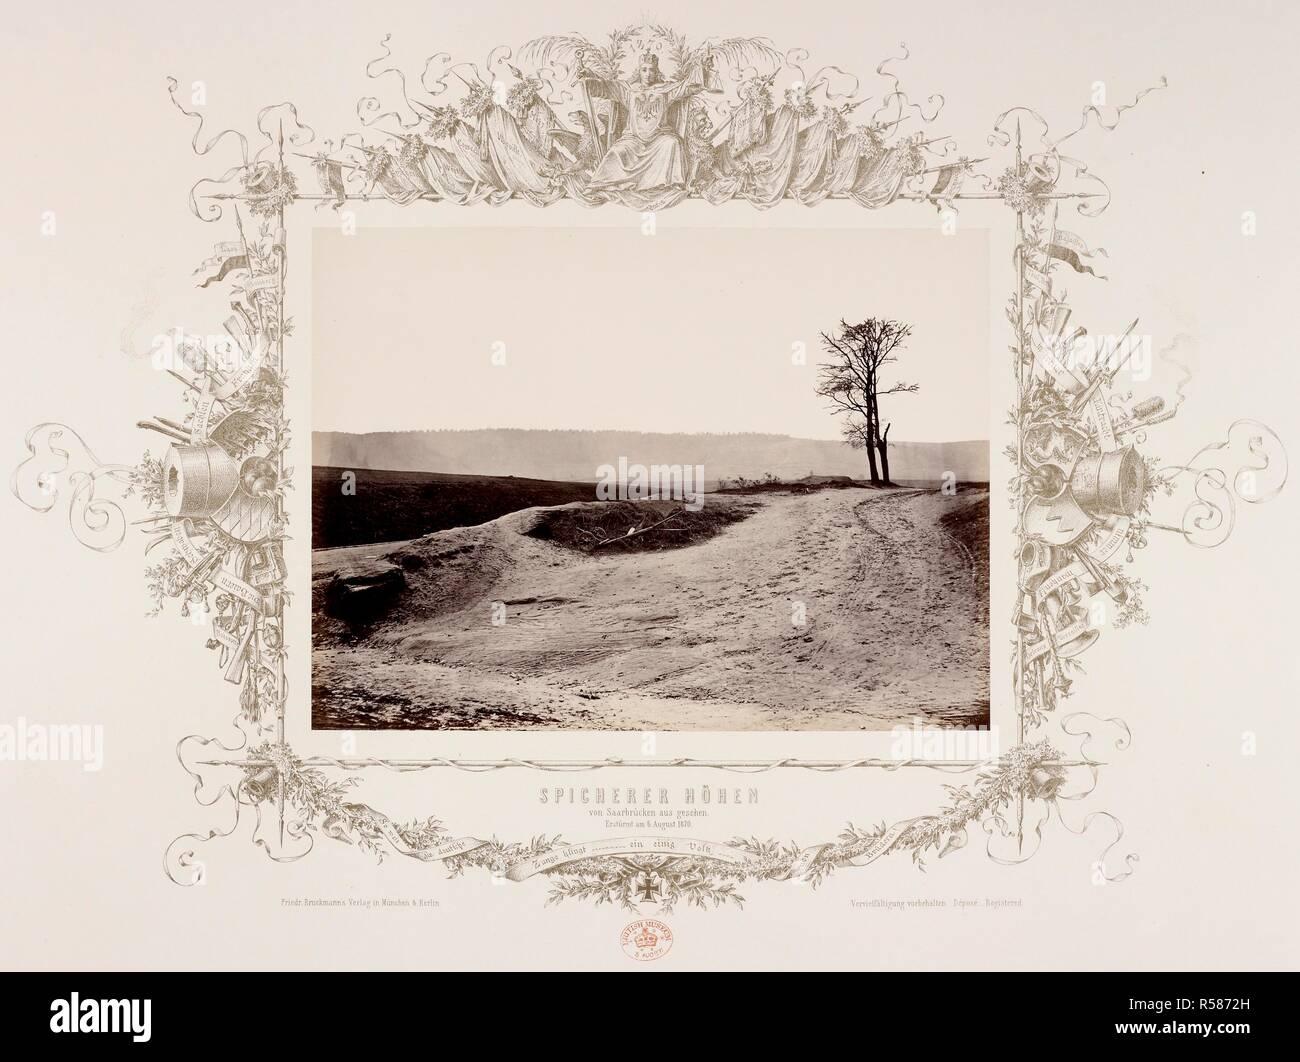 Le altezze al di sopra di Saarbrucken, presi dai prussiani il 6 agosto 1870. 1870. Albume stampa. Guerra franco-prussiana. Fonte: Mappe 184.p.1 (8). Autore: ANON. Foto Stock